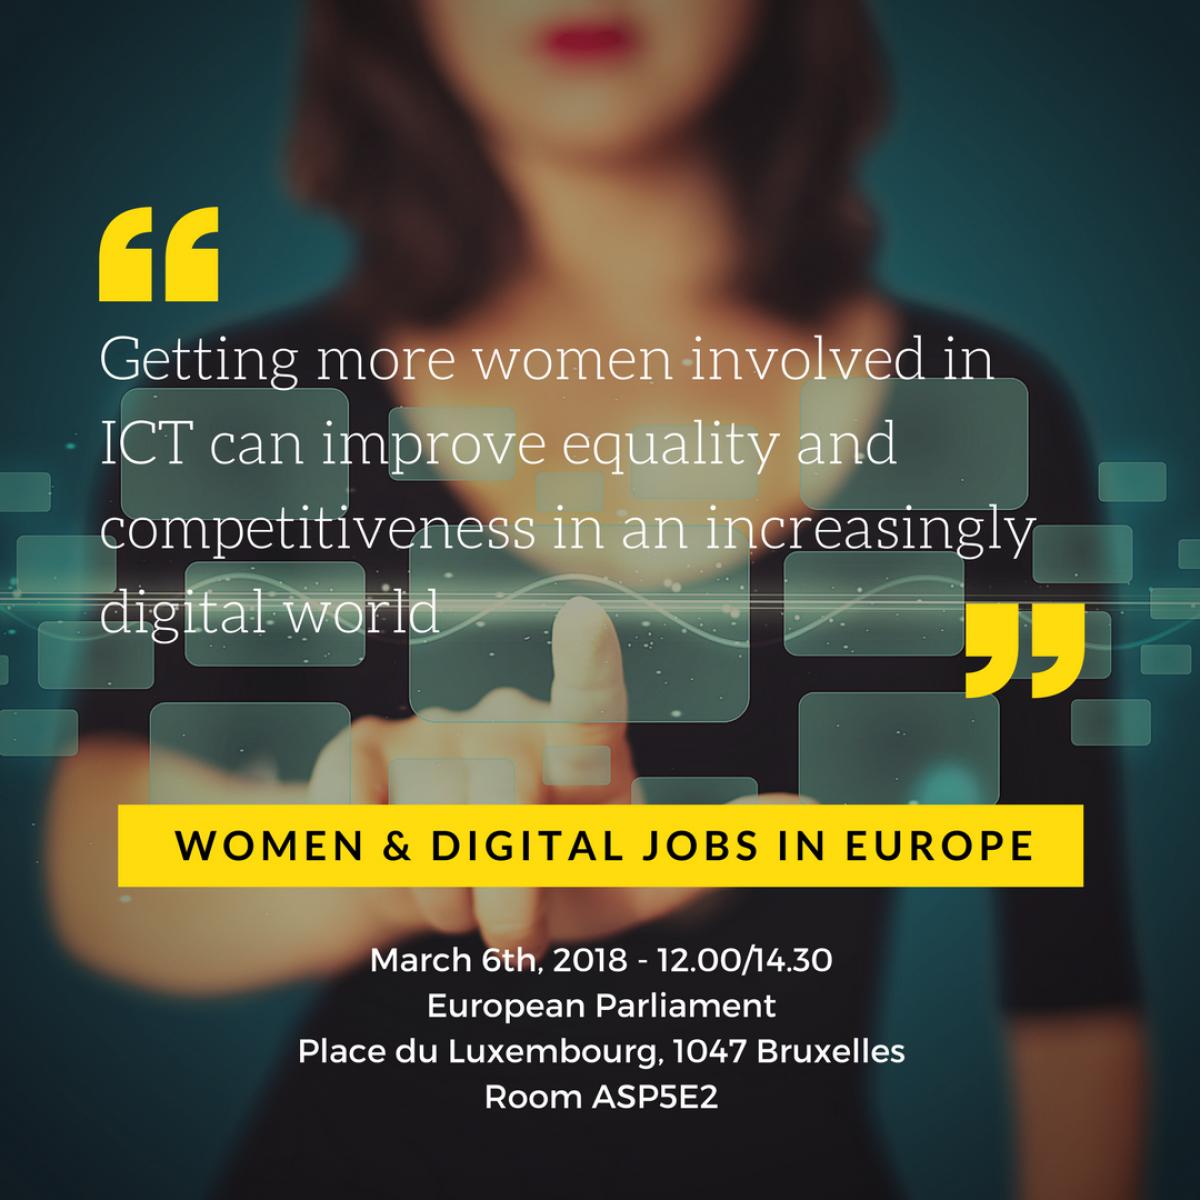 Women & Digital Jobs in Europe